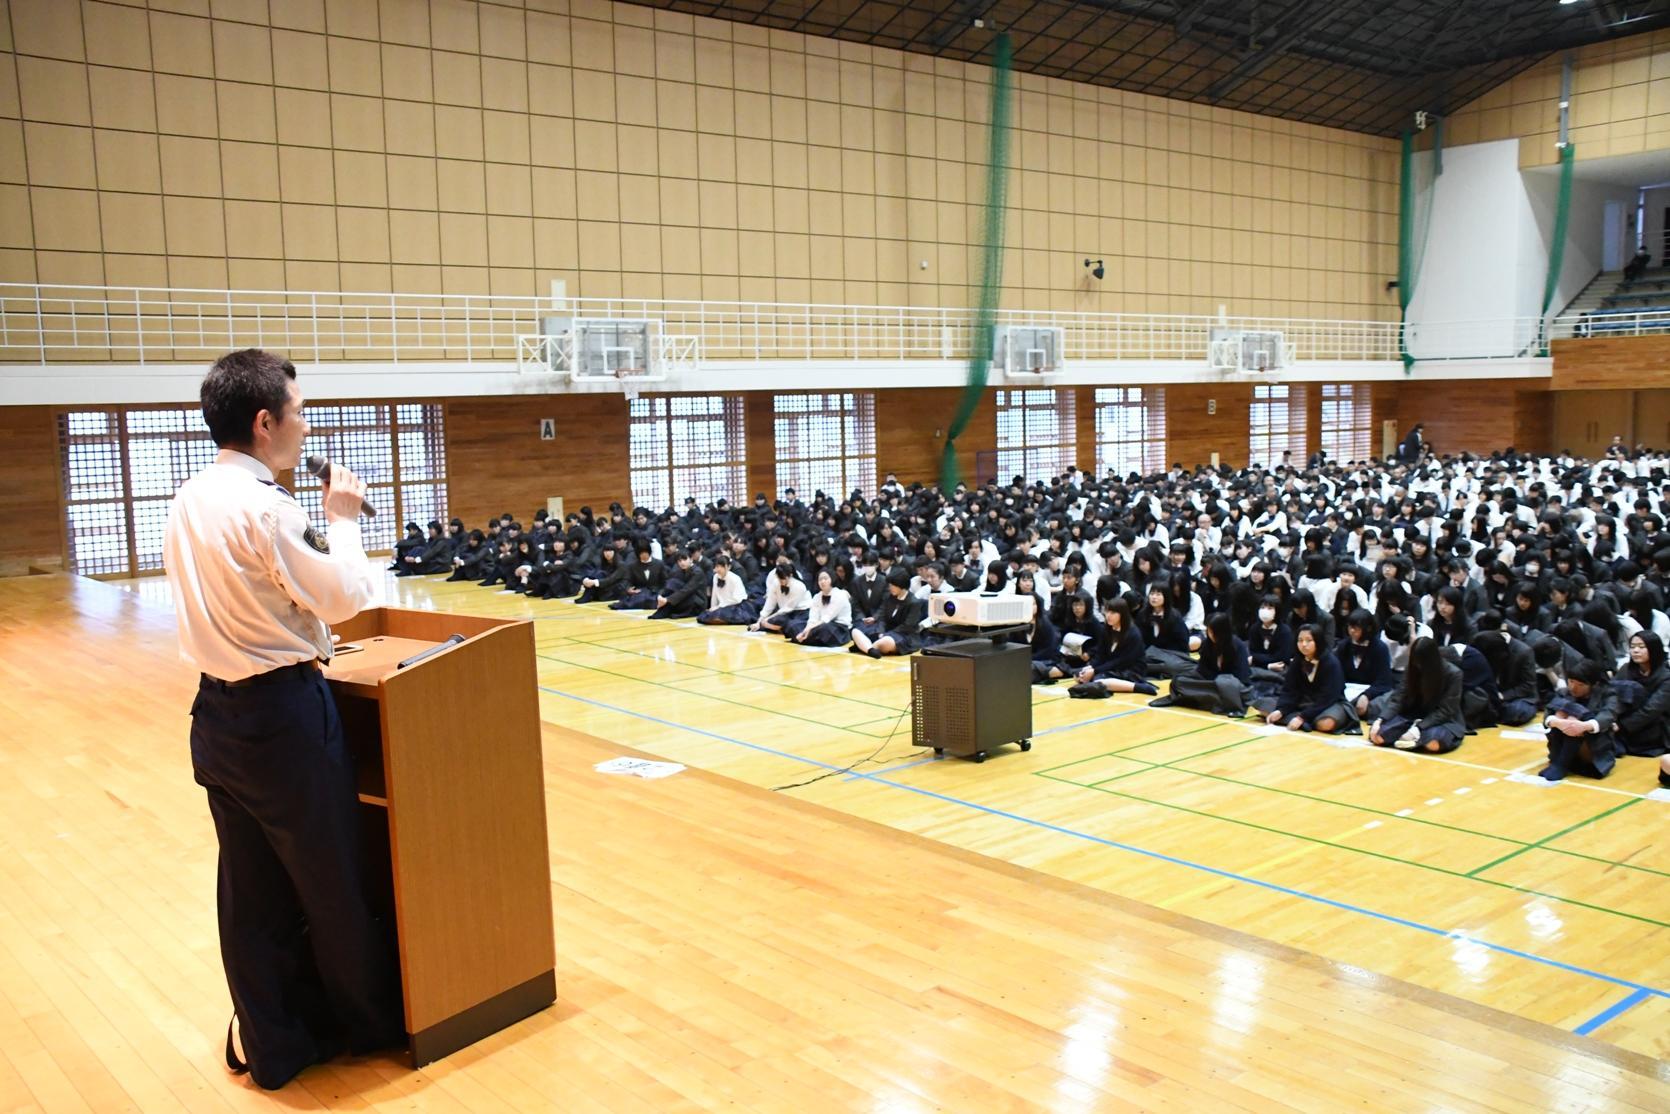 岐阜聖徳学園高校の校内画像(そ...